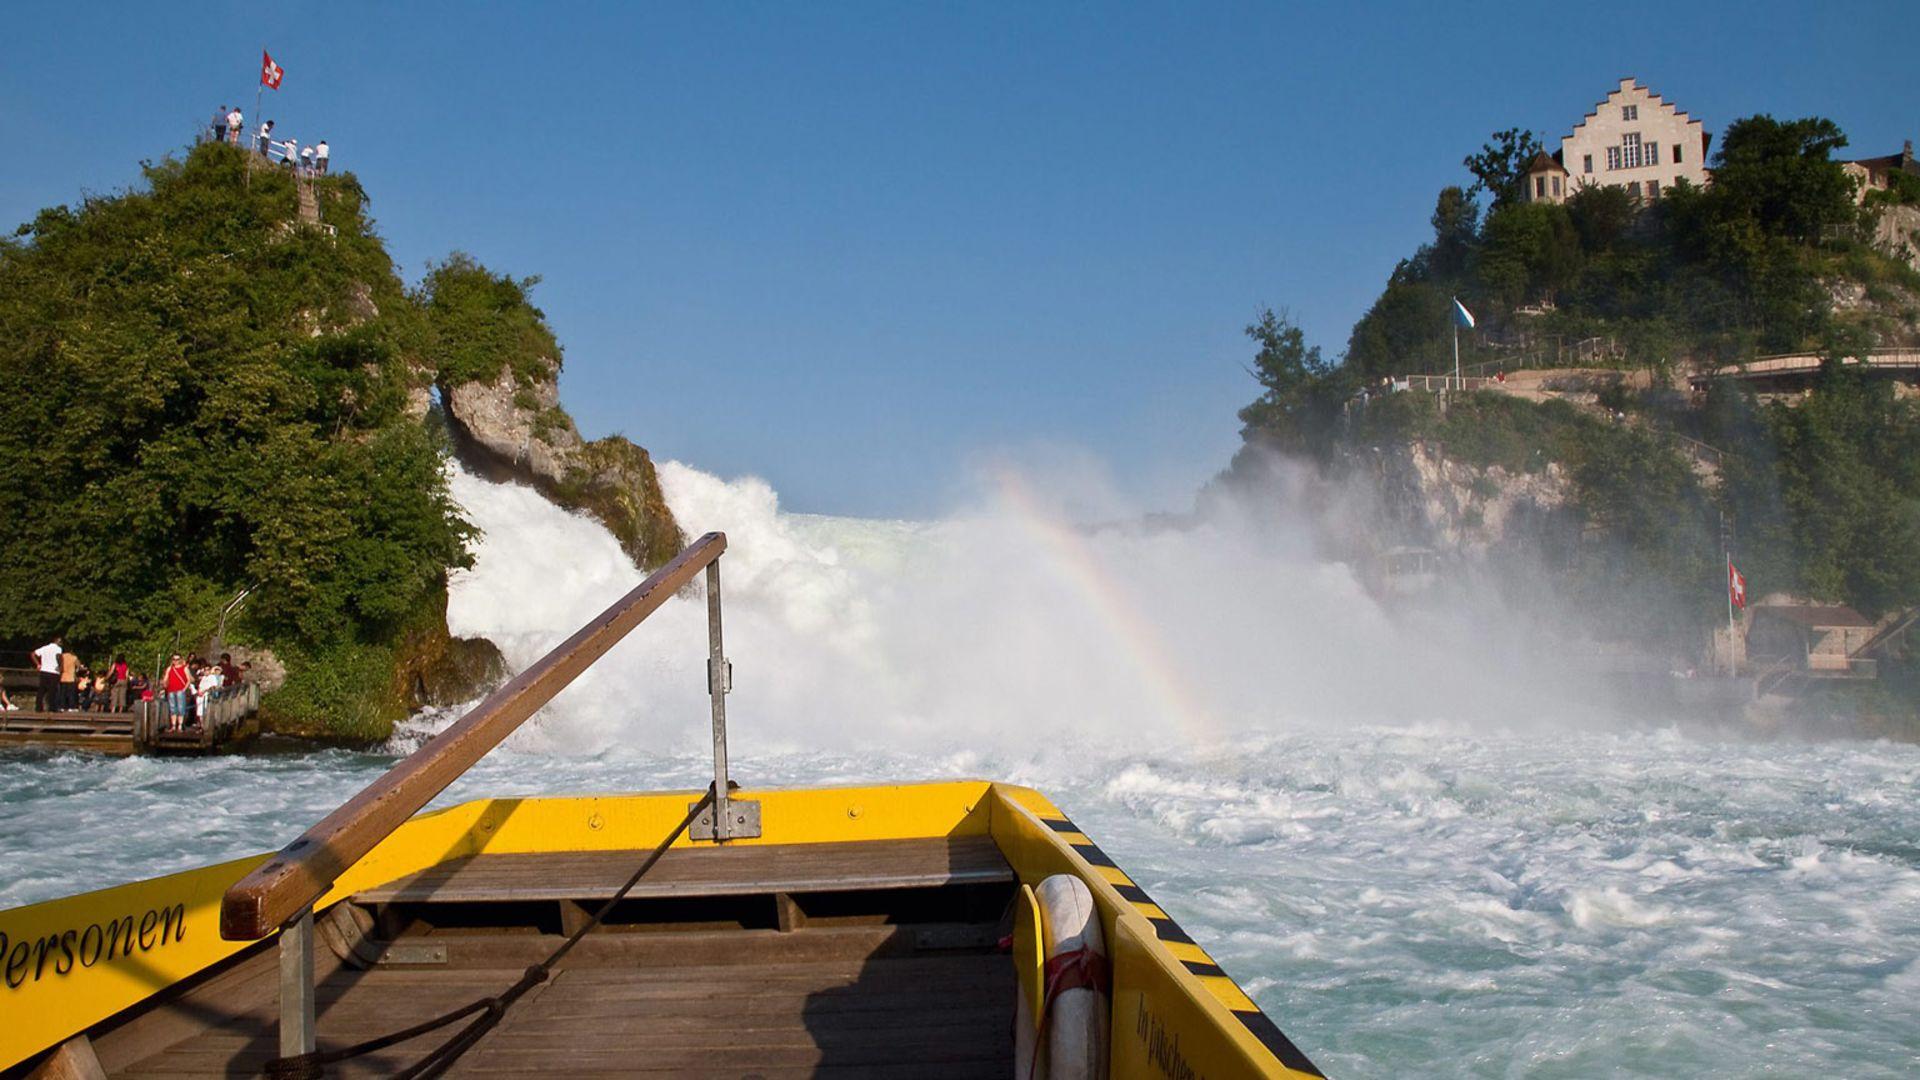 Вид на Рейнского водопада с прогулочного катера